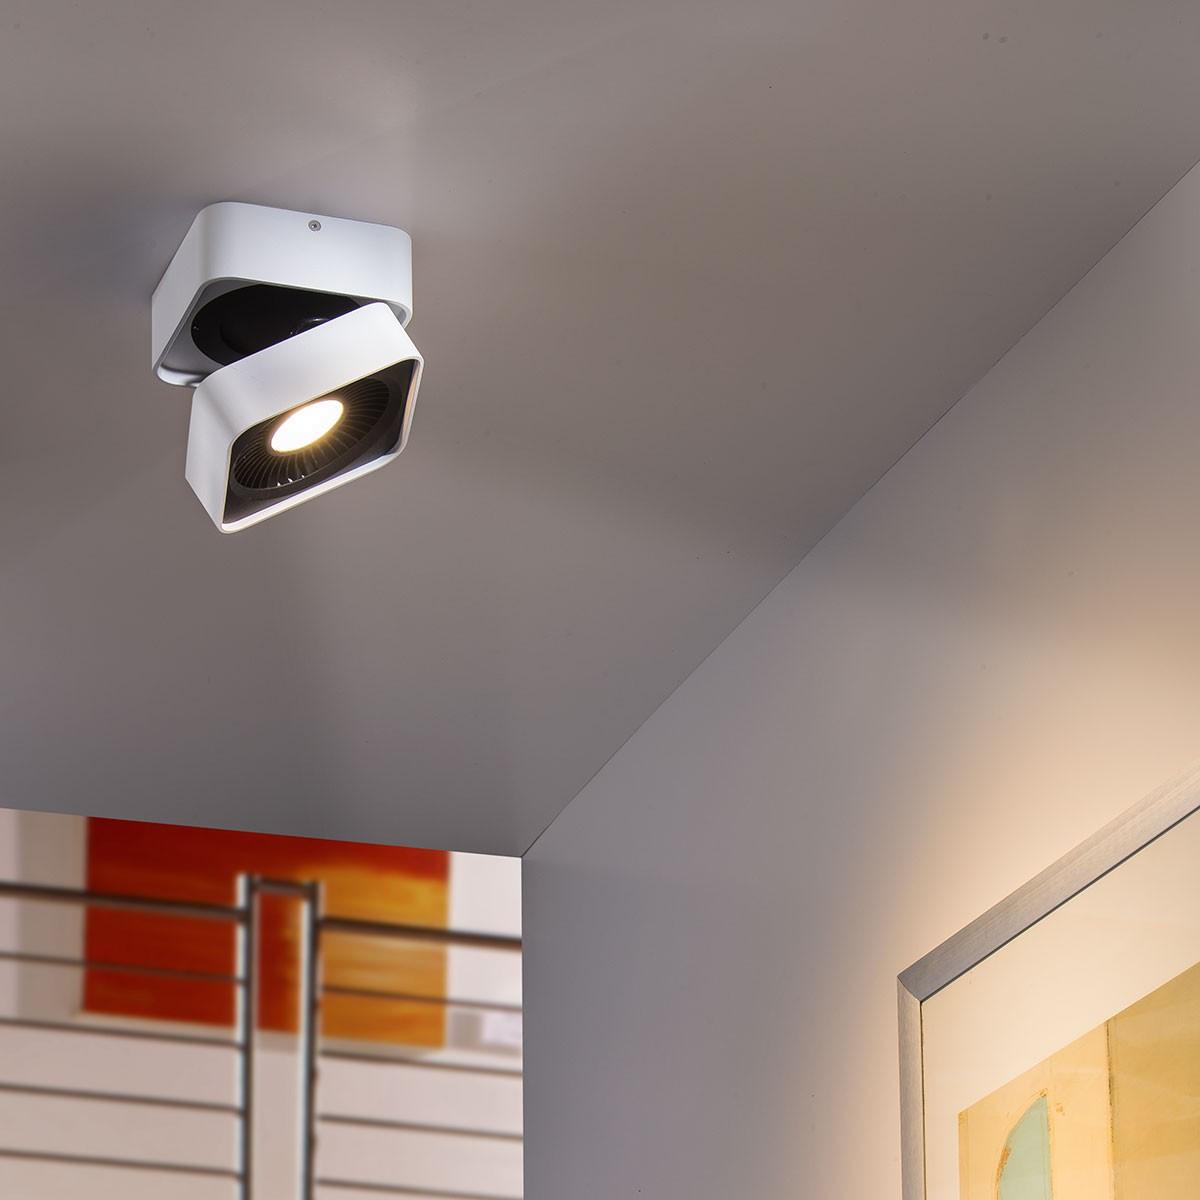 MyLight Studio-SQ LED Wand- / Deckenleuchte, weiß / schwarz